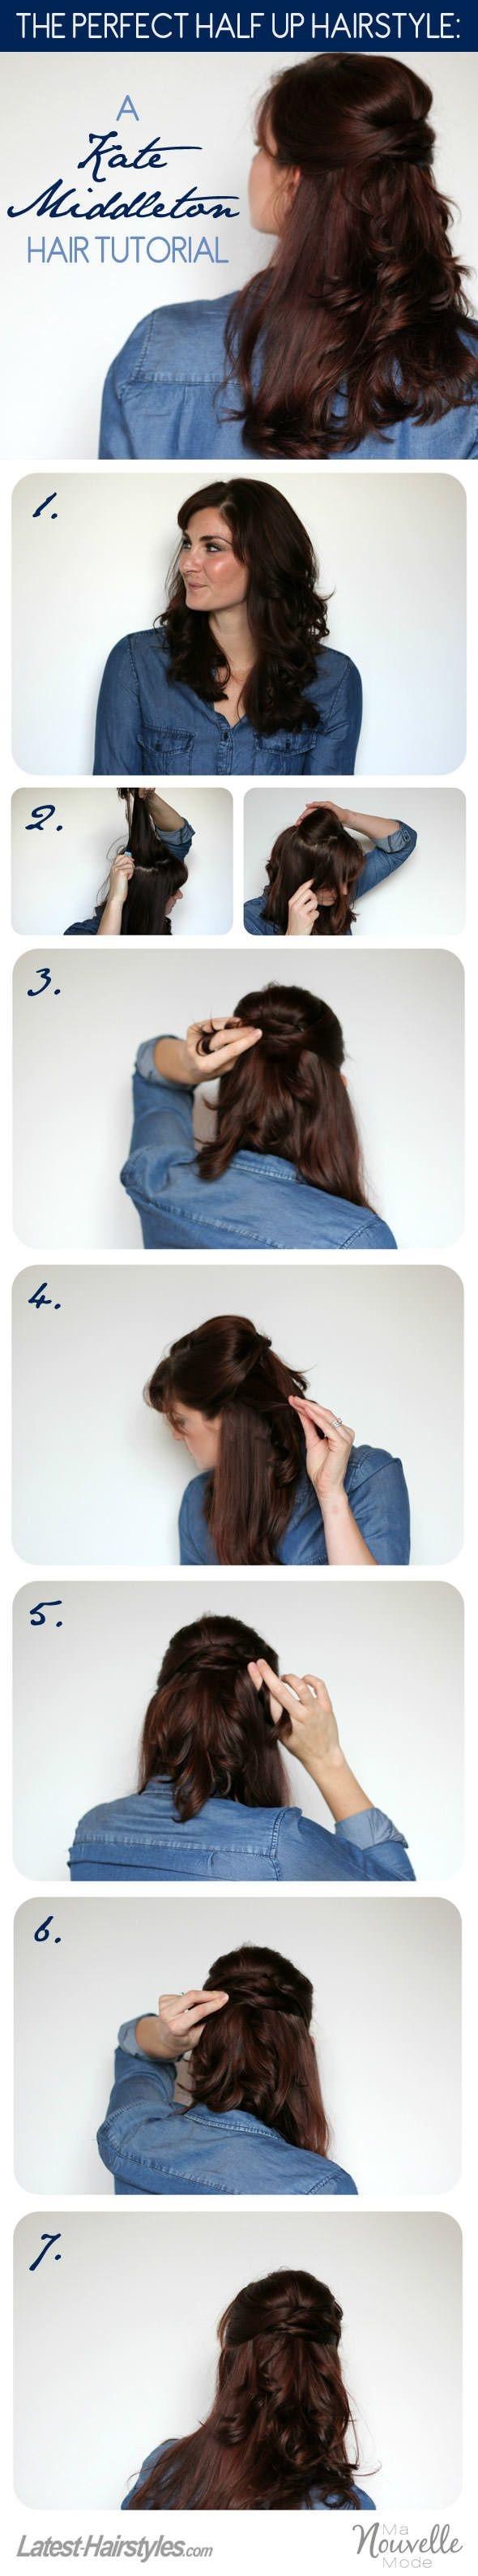 coiffure-cèlèbrités-6